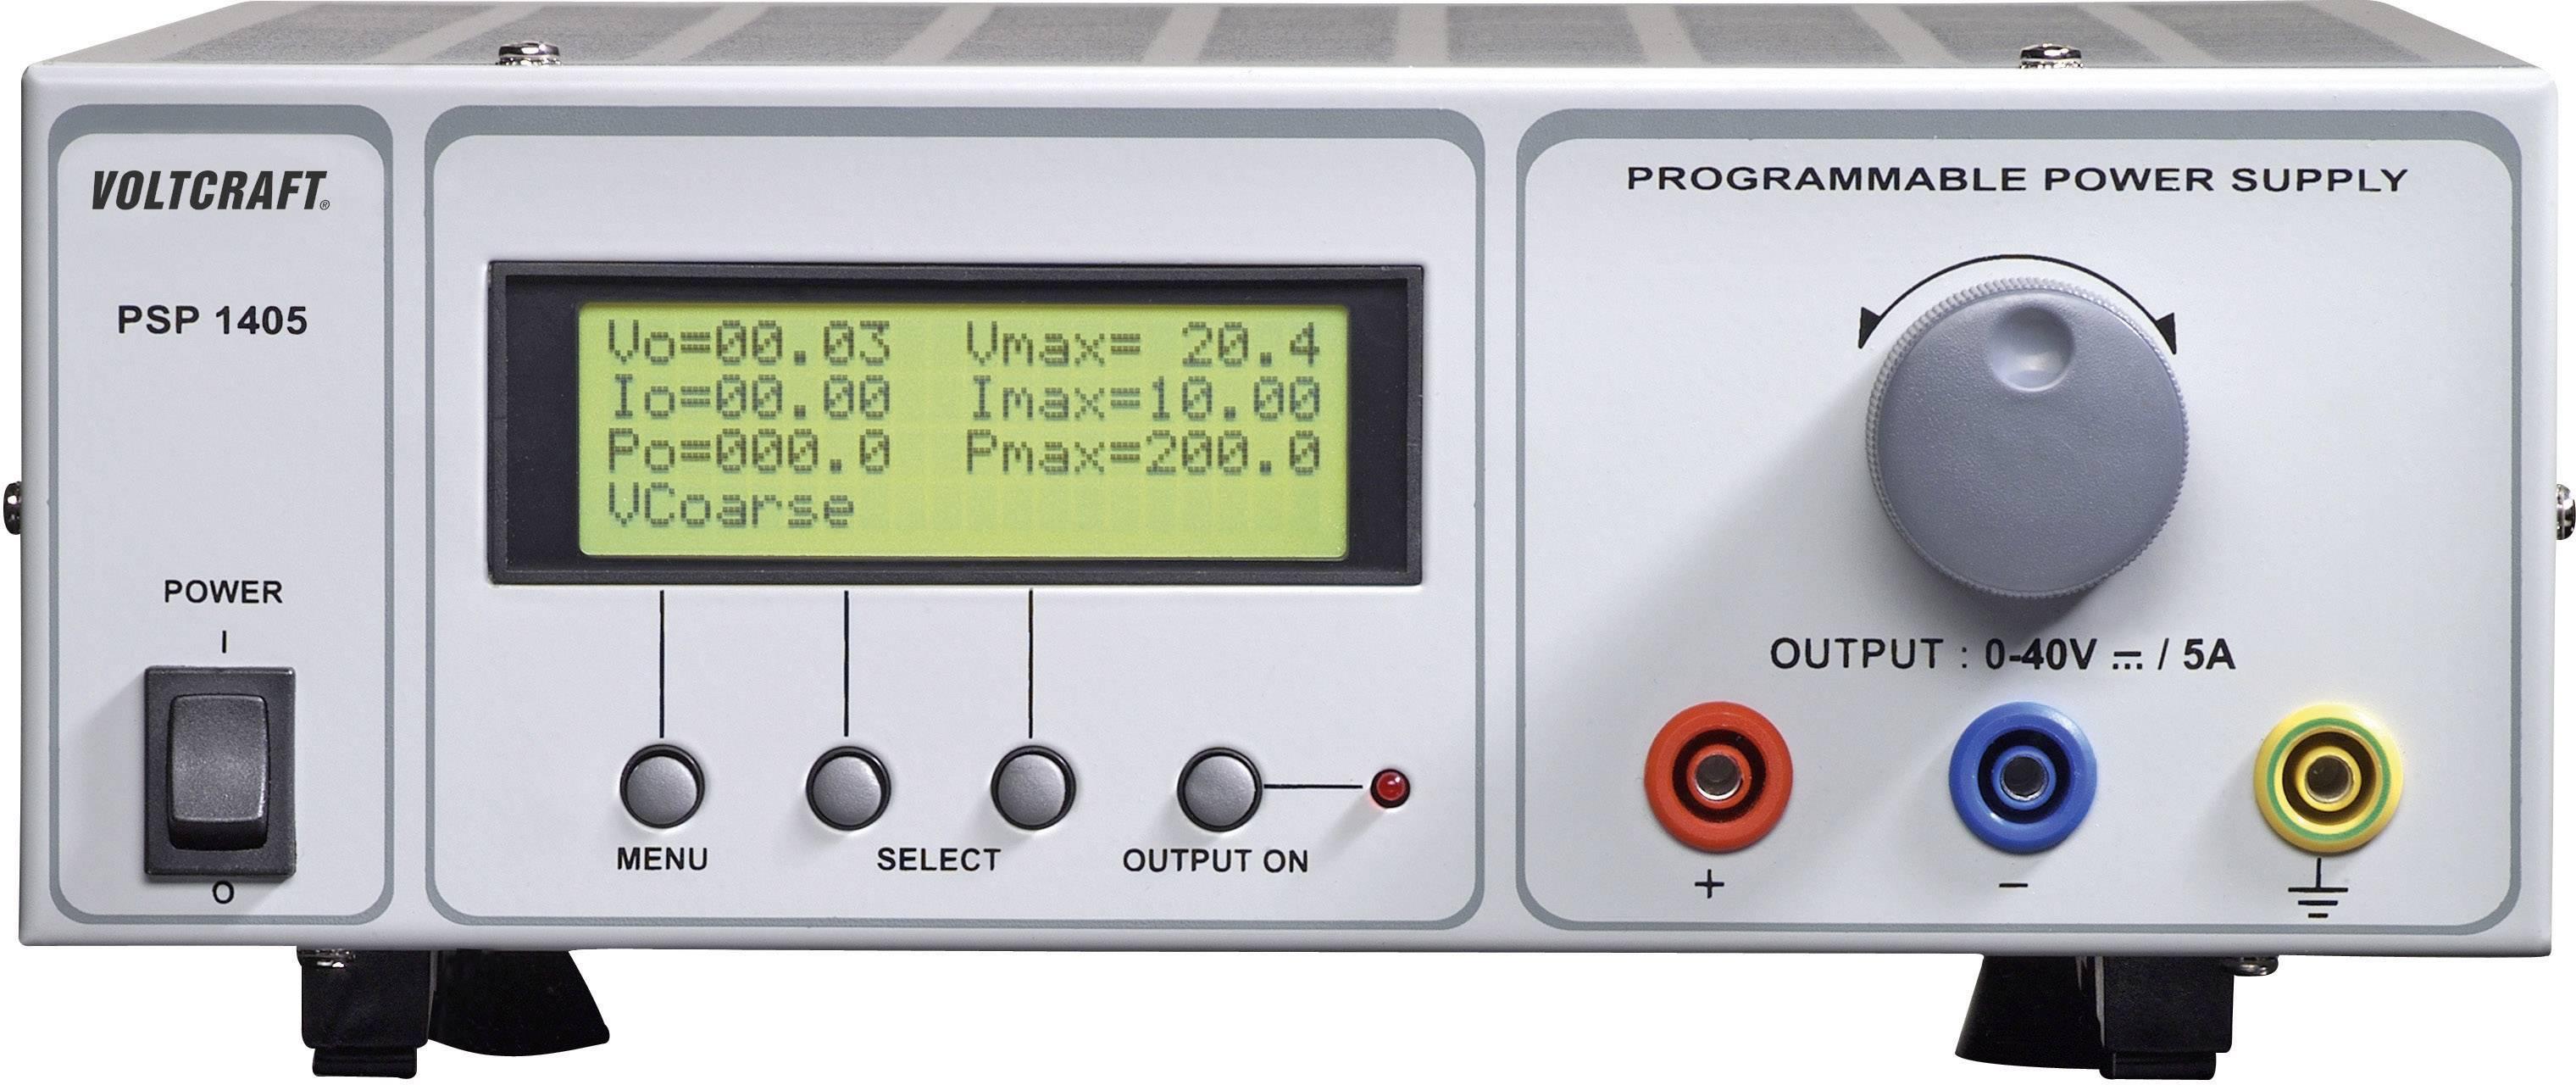 Programovateľný laboratórny sieťový zdroj Voltcraft PSP-1405, 0 - 40 VDC, 0 - 5 A